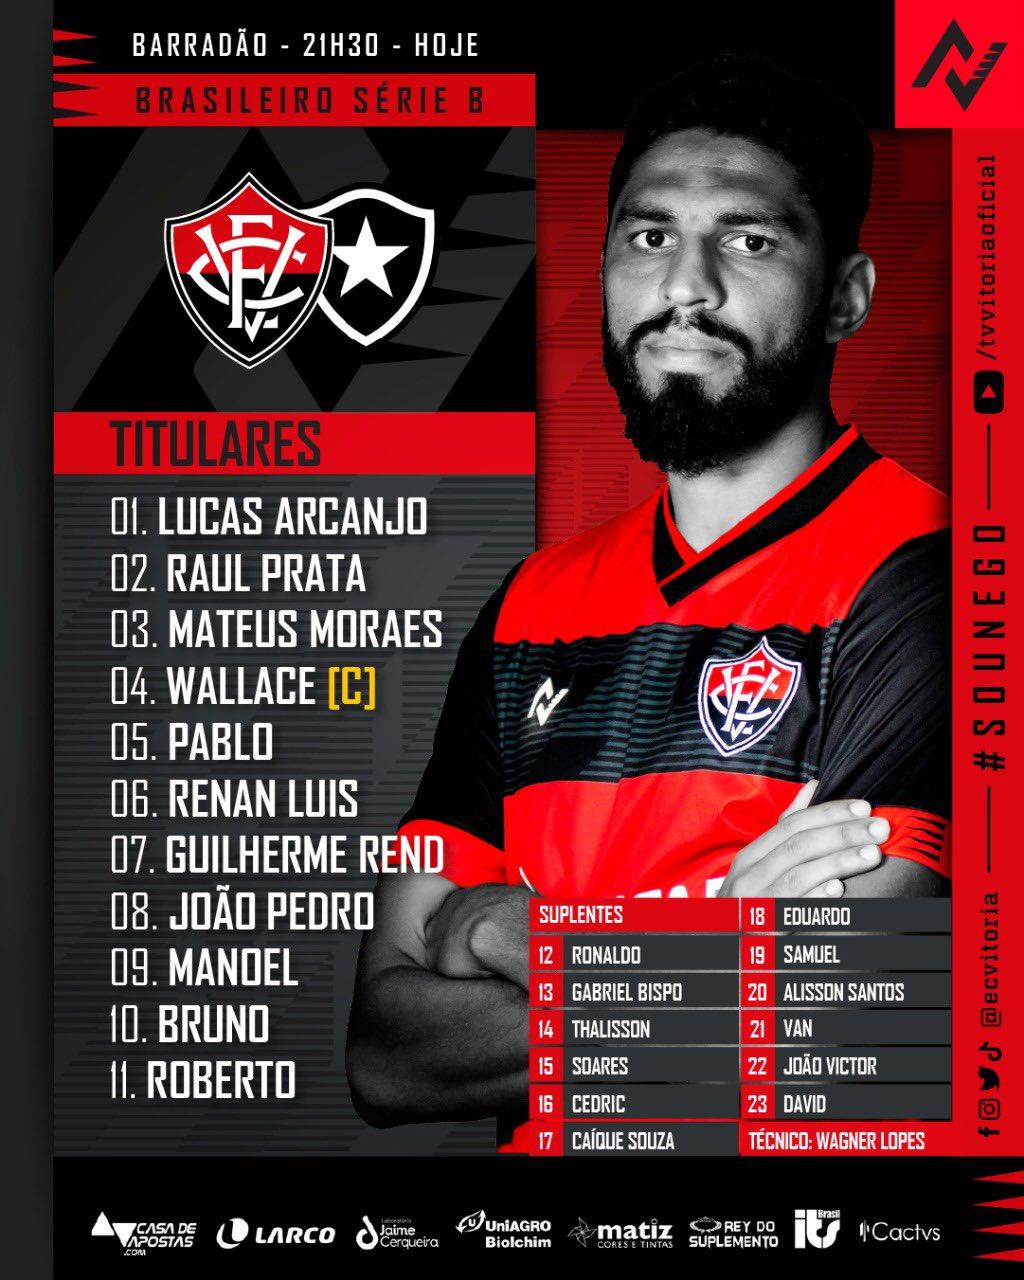 Vitória está escalado para pegar o Botafogo pela Série B